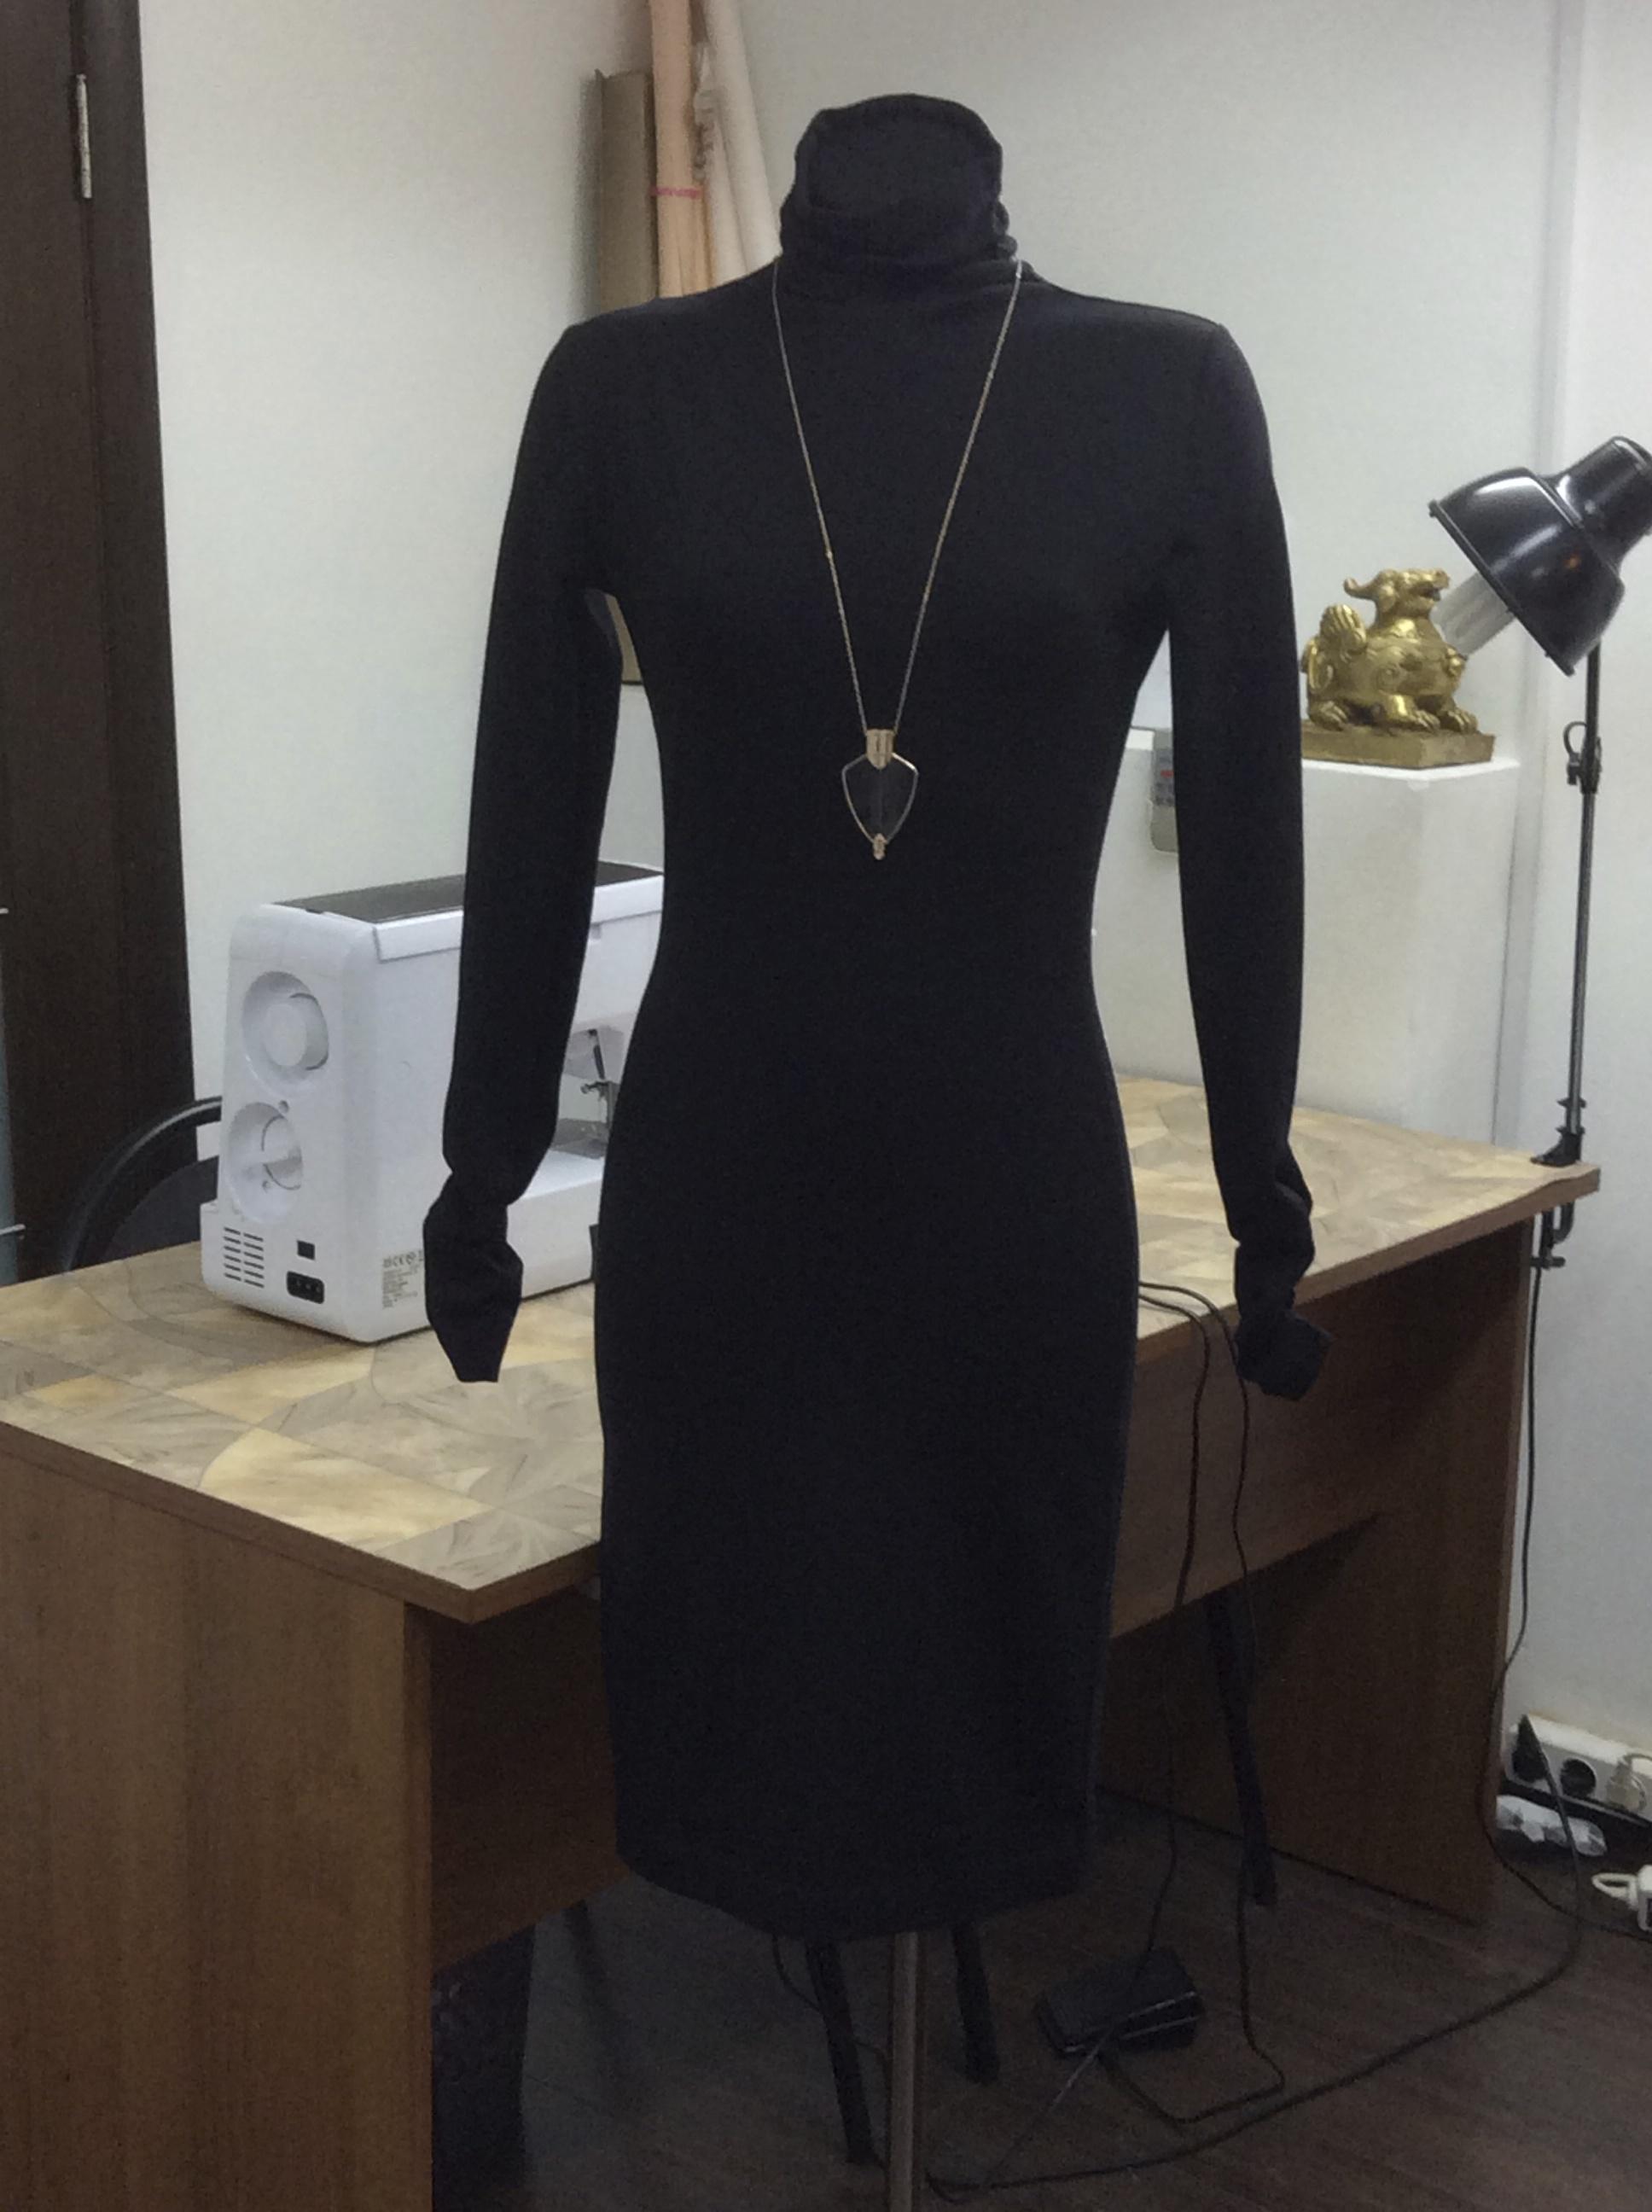 Чёрное маленькое платье шить на курсах Школа дизайнерского мастерства Елизаветы Добрицкой